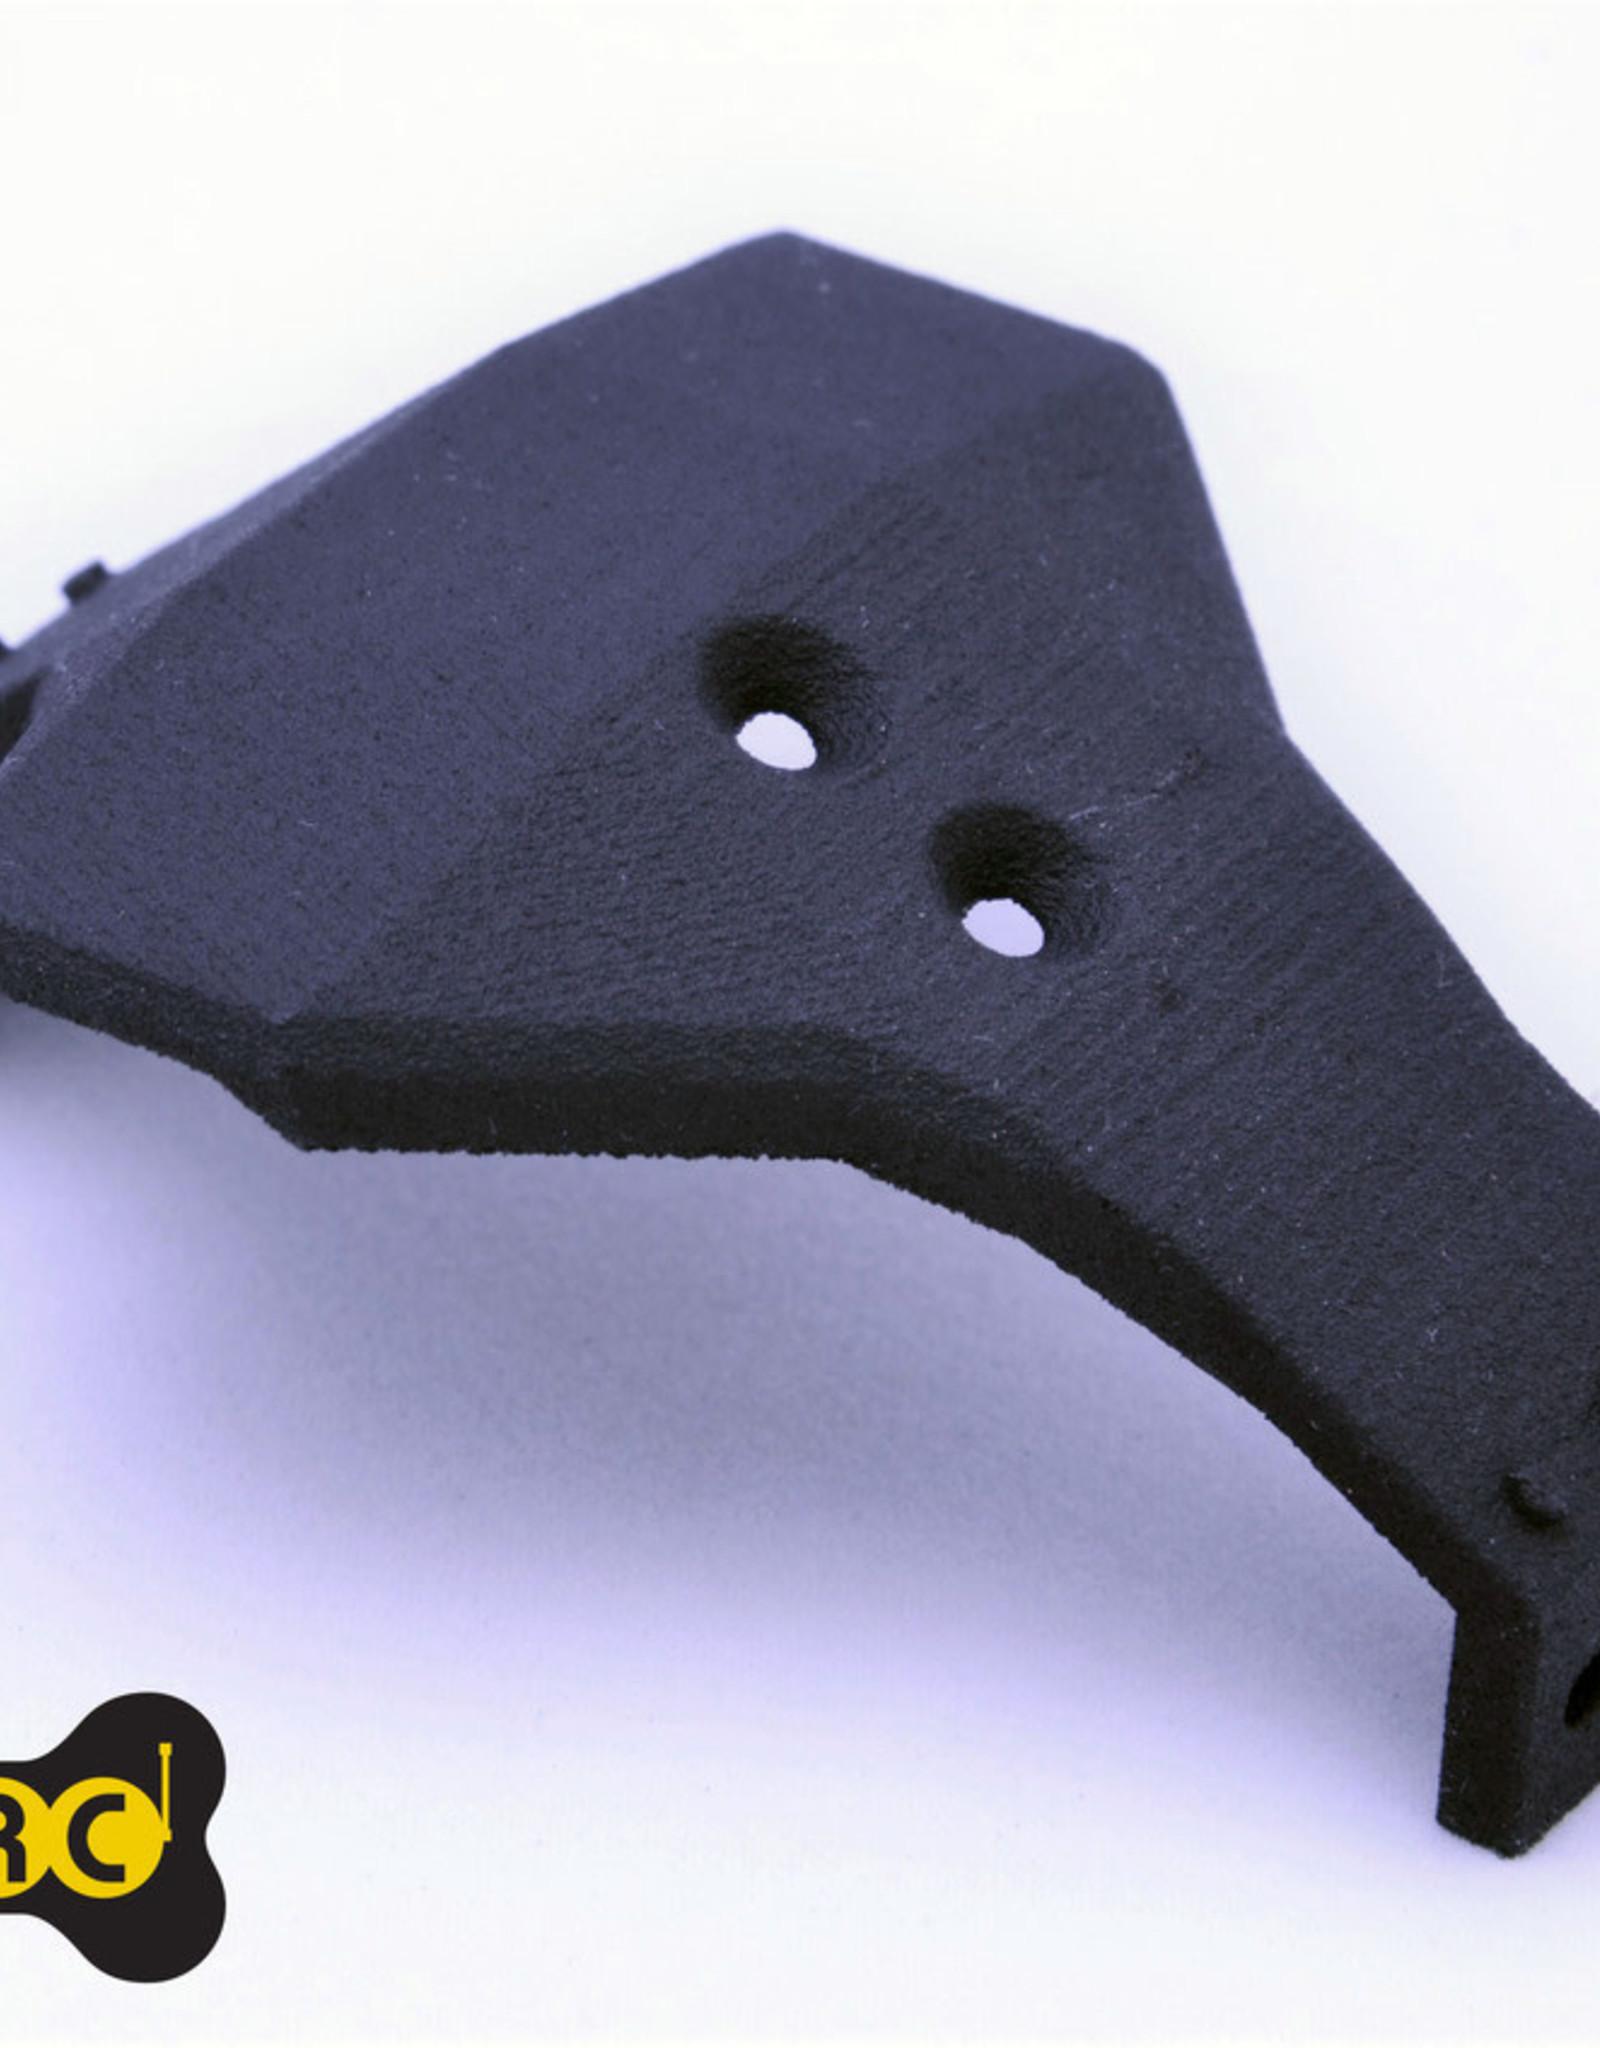 BowhouseRC N2R Low Profile Skid